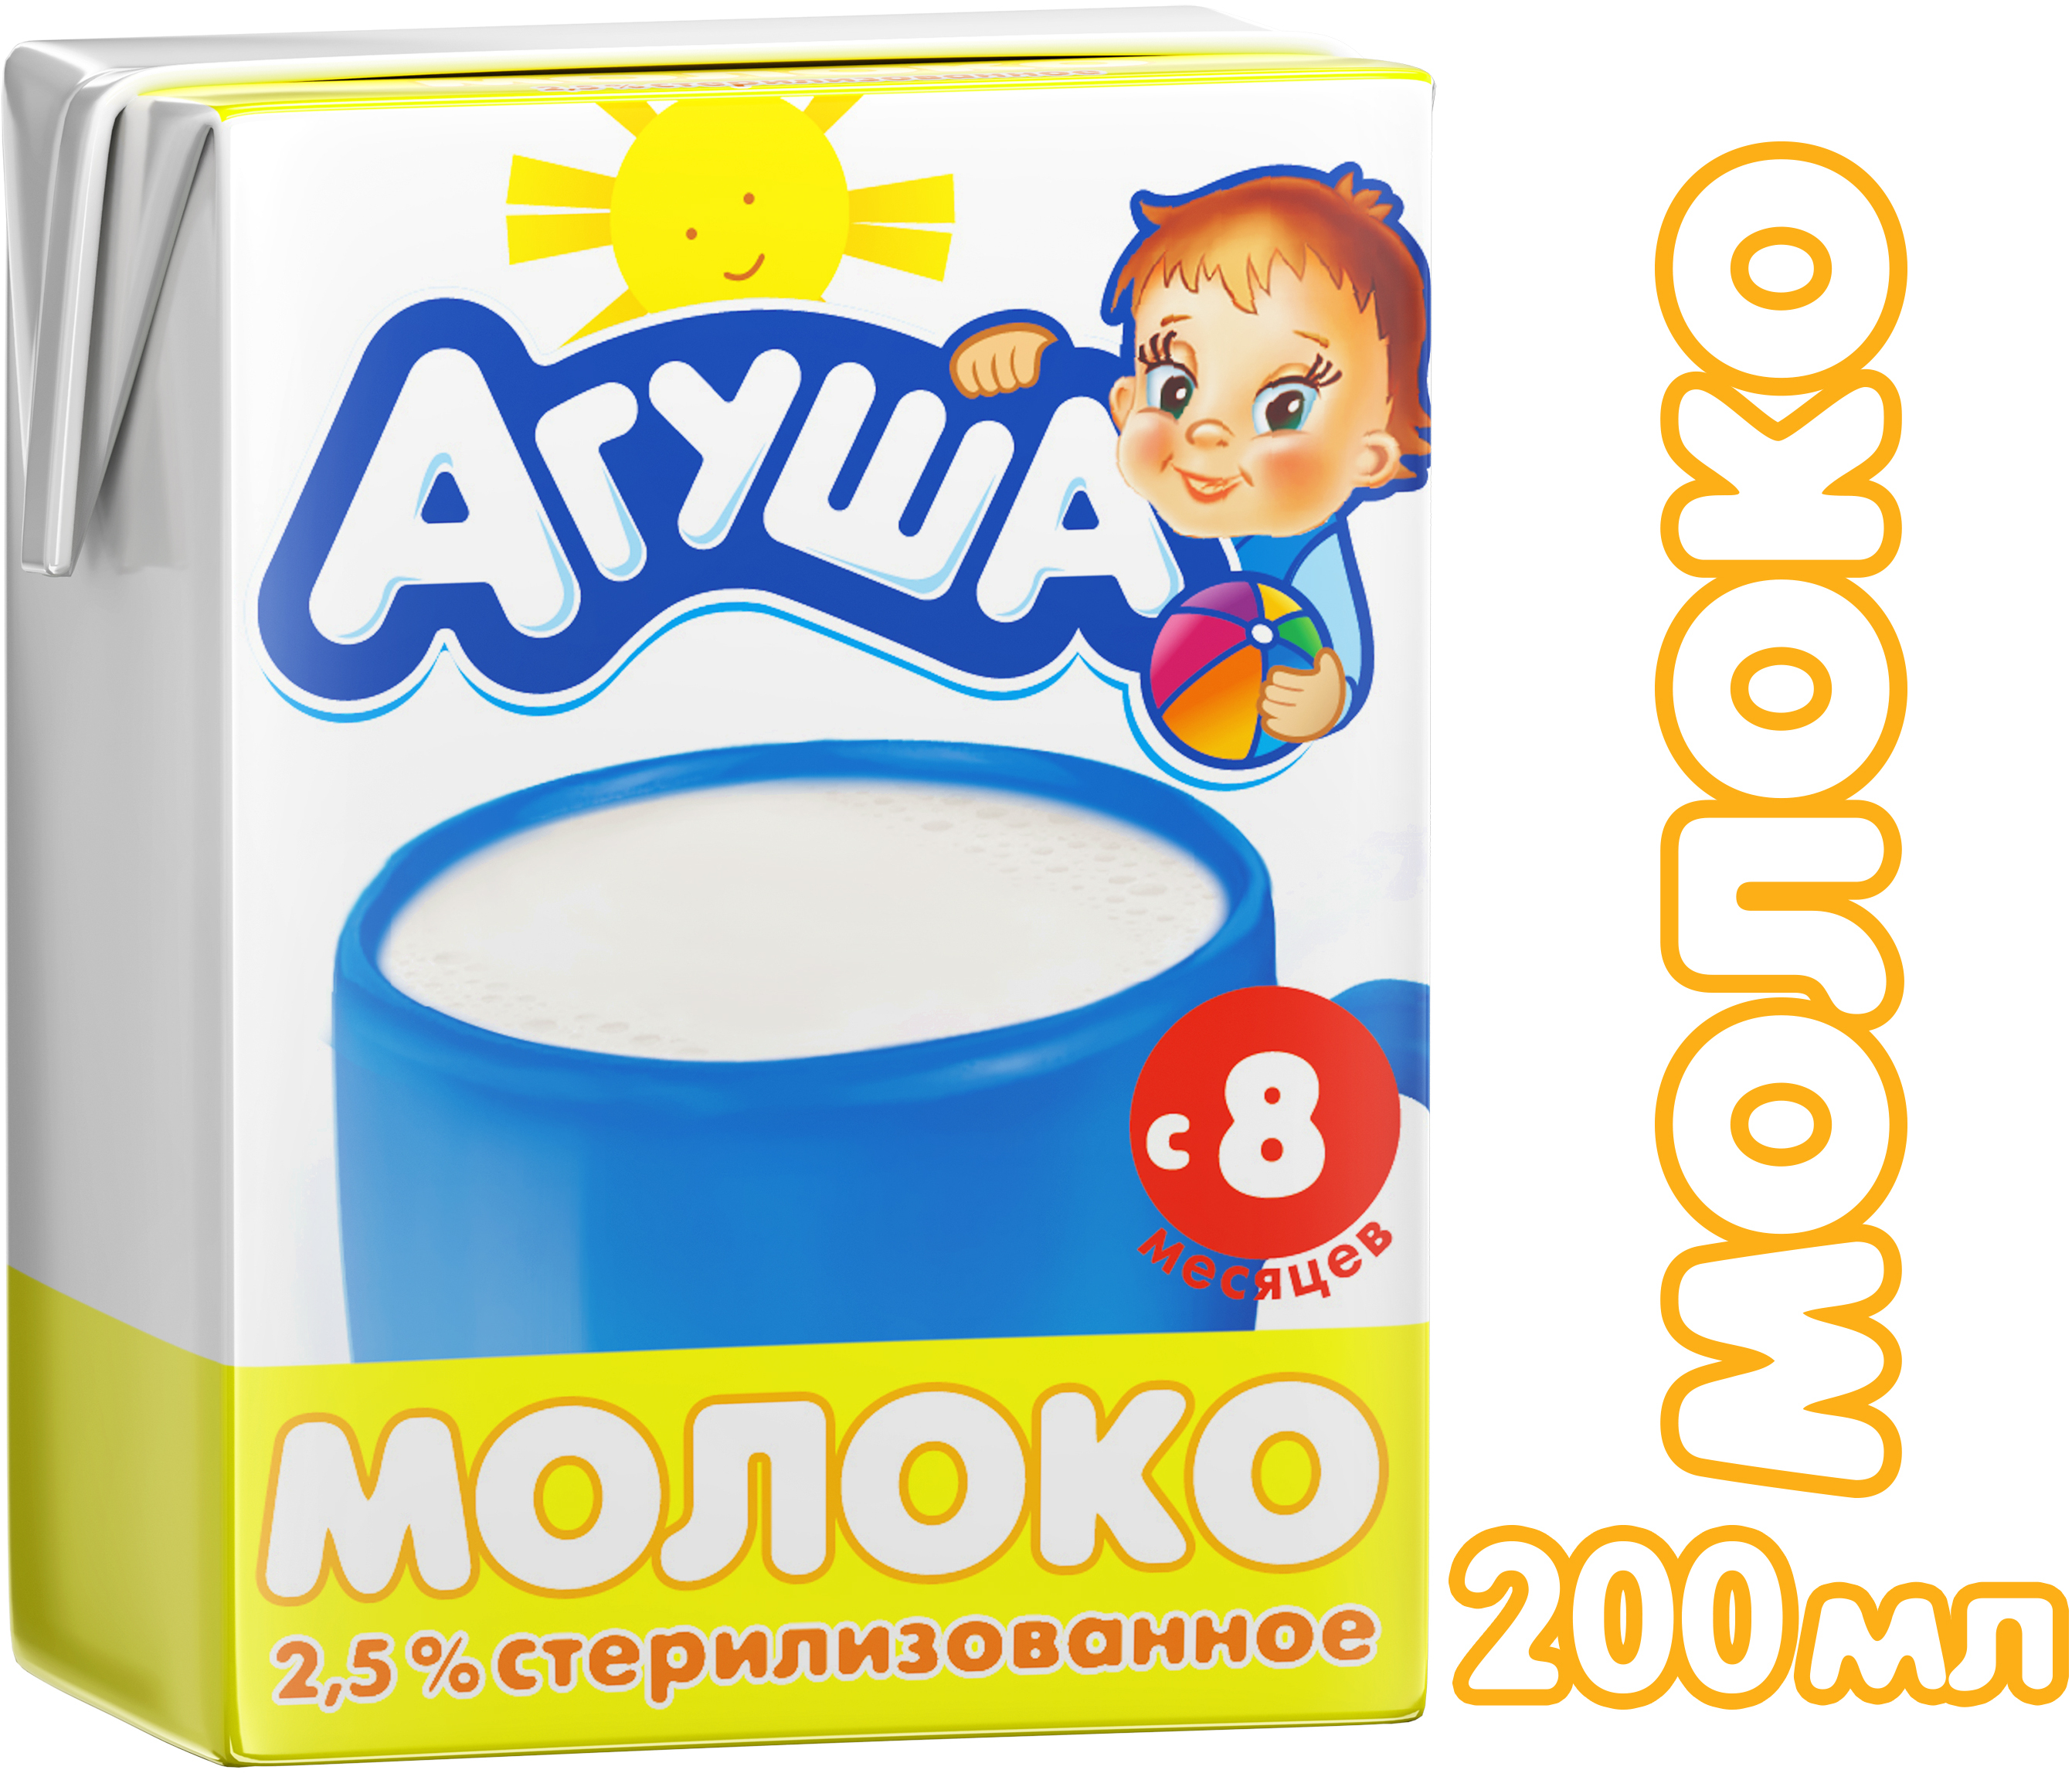 Молоко Вимм-Билль-Данн Агуша с витаминами 2,5% с 8 мес. 200 мл